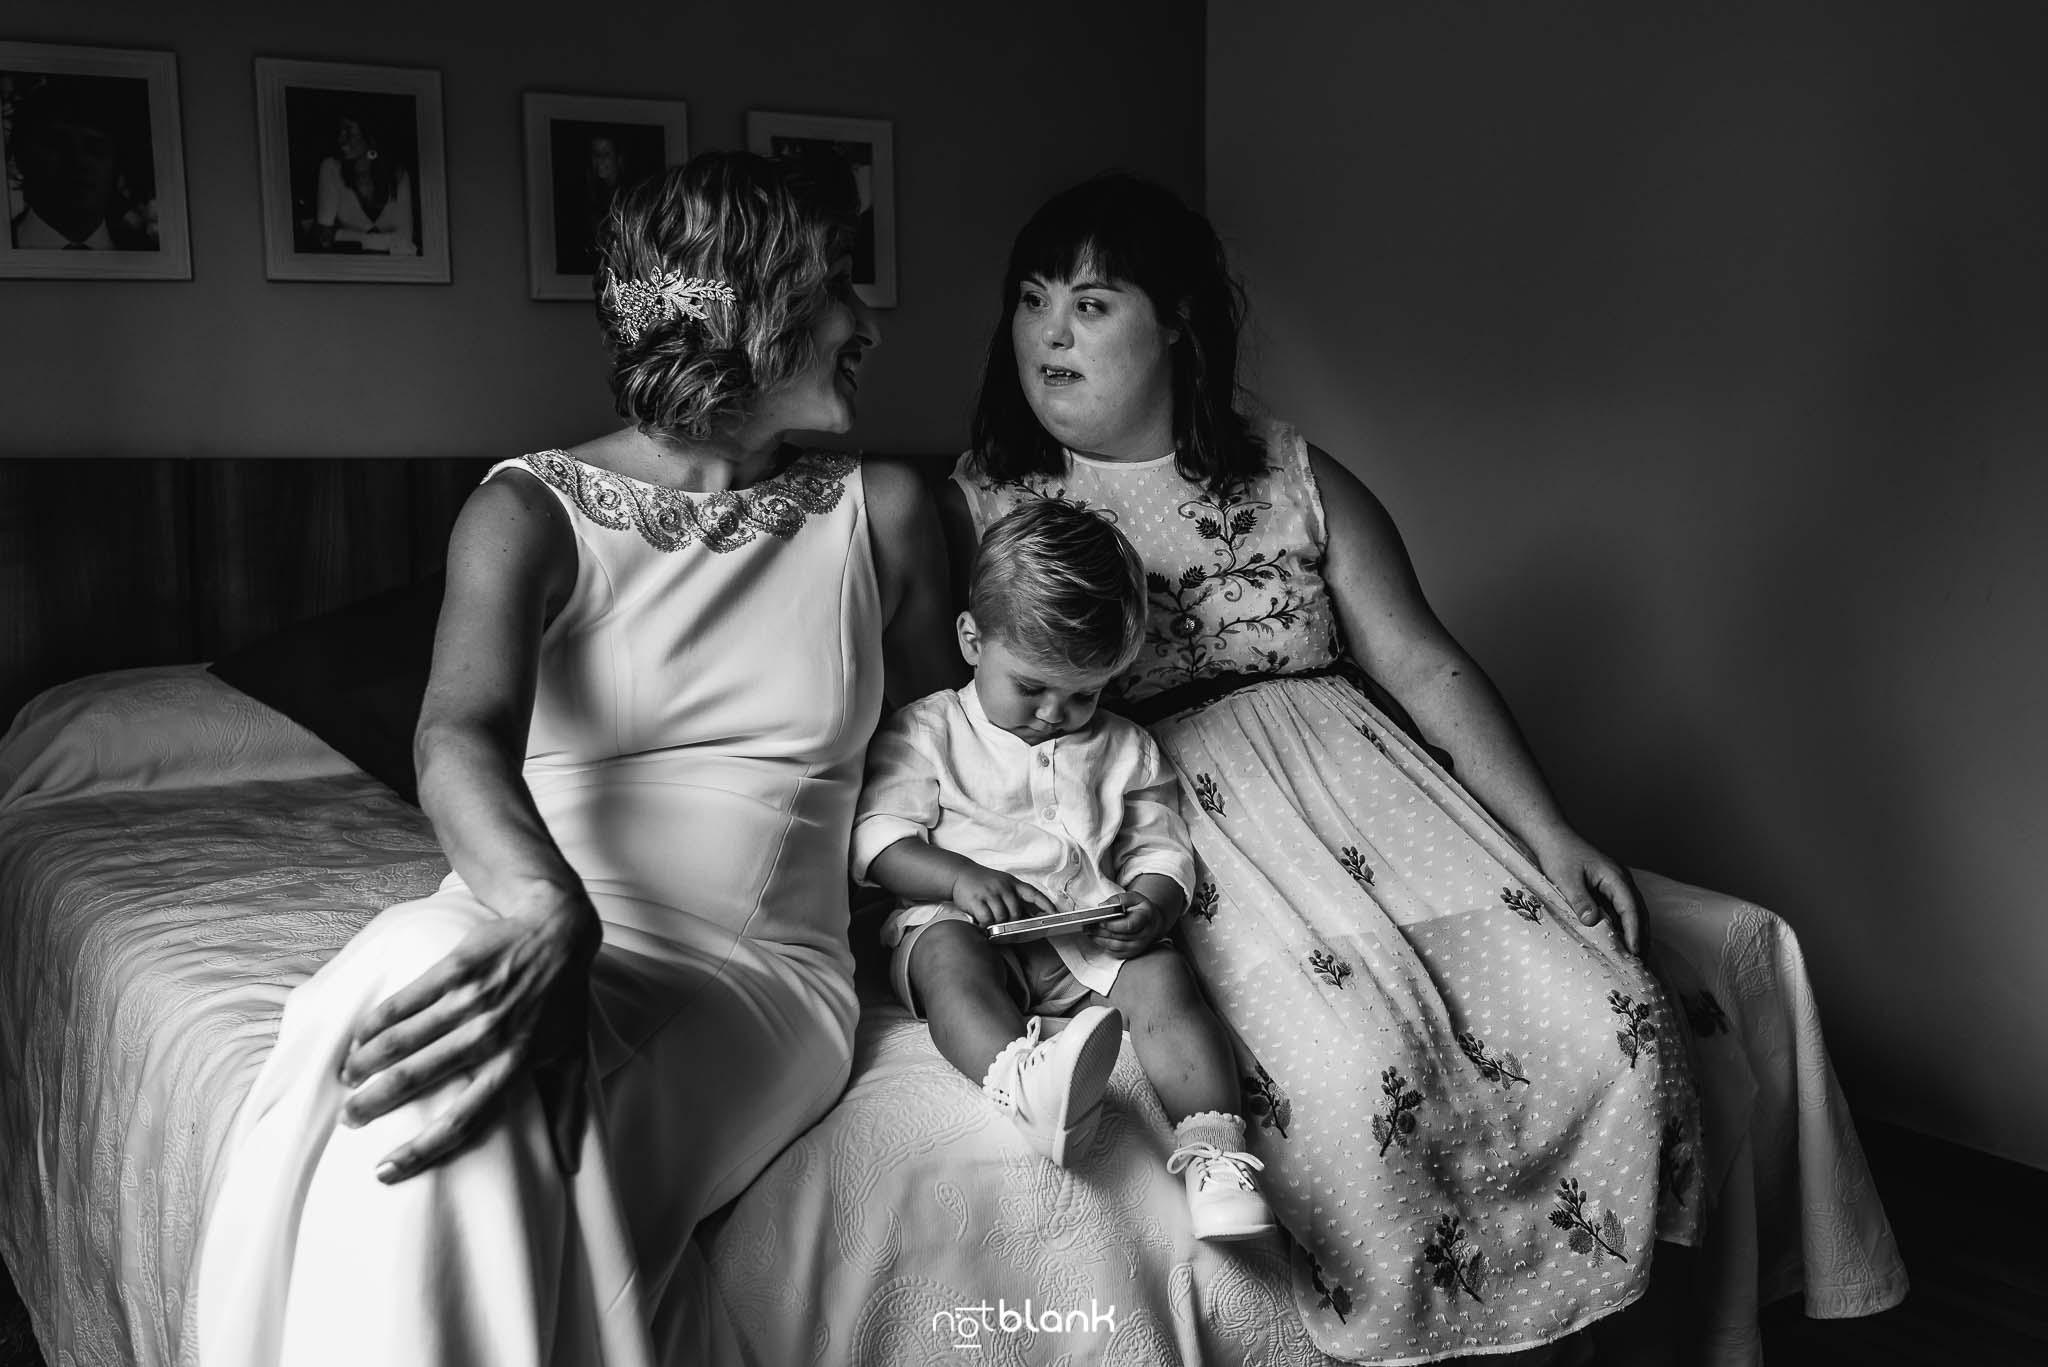 Boda En El Jardin De Casa Jana y Fran - La novia, su hijo pequeño y la hermana de la novia charlan sentadas encima de la cama - Notblank Fotografos de boda